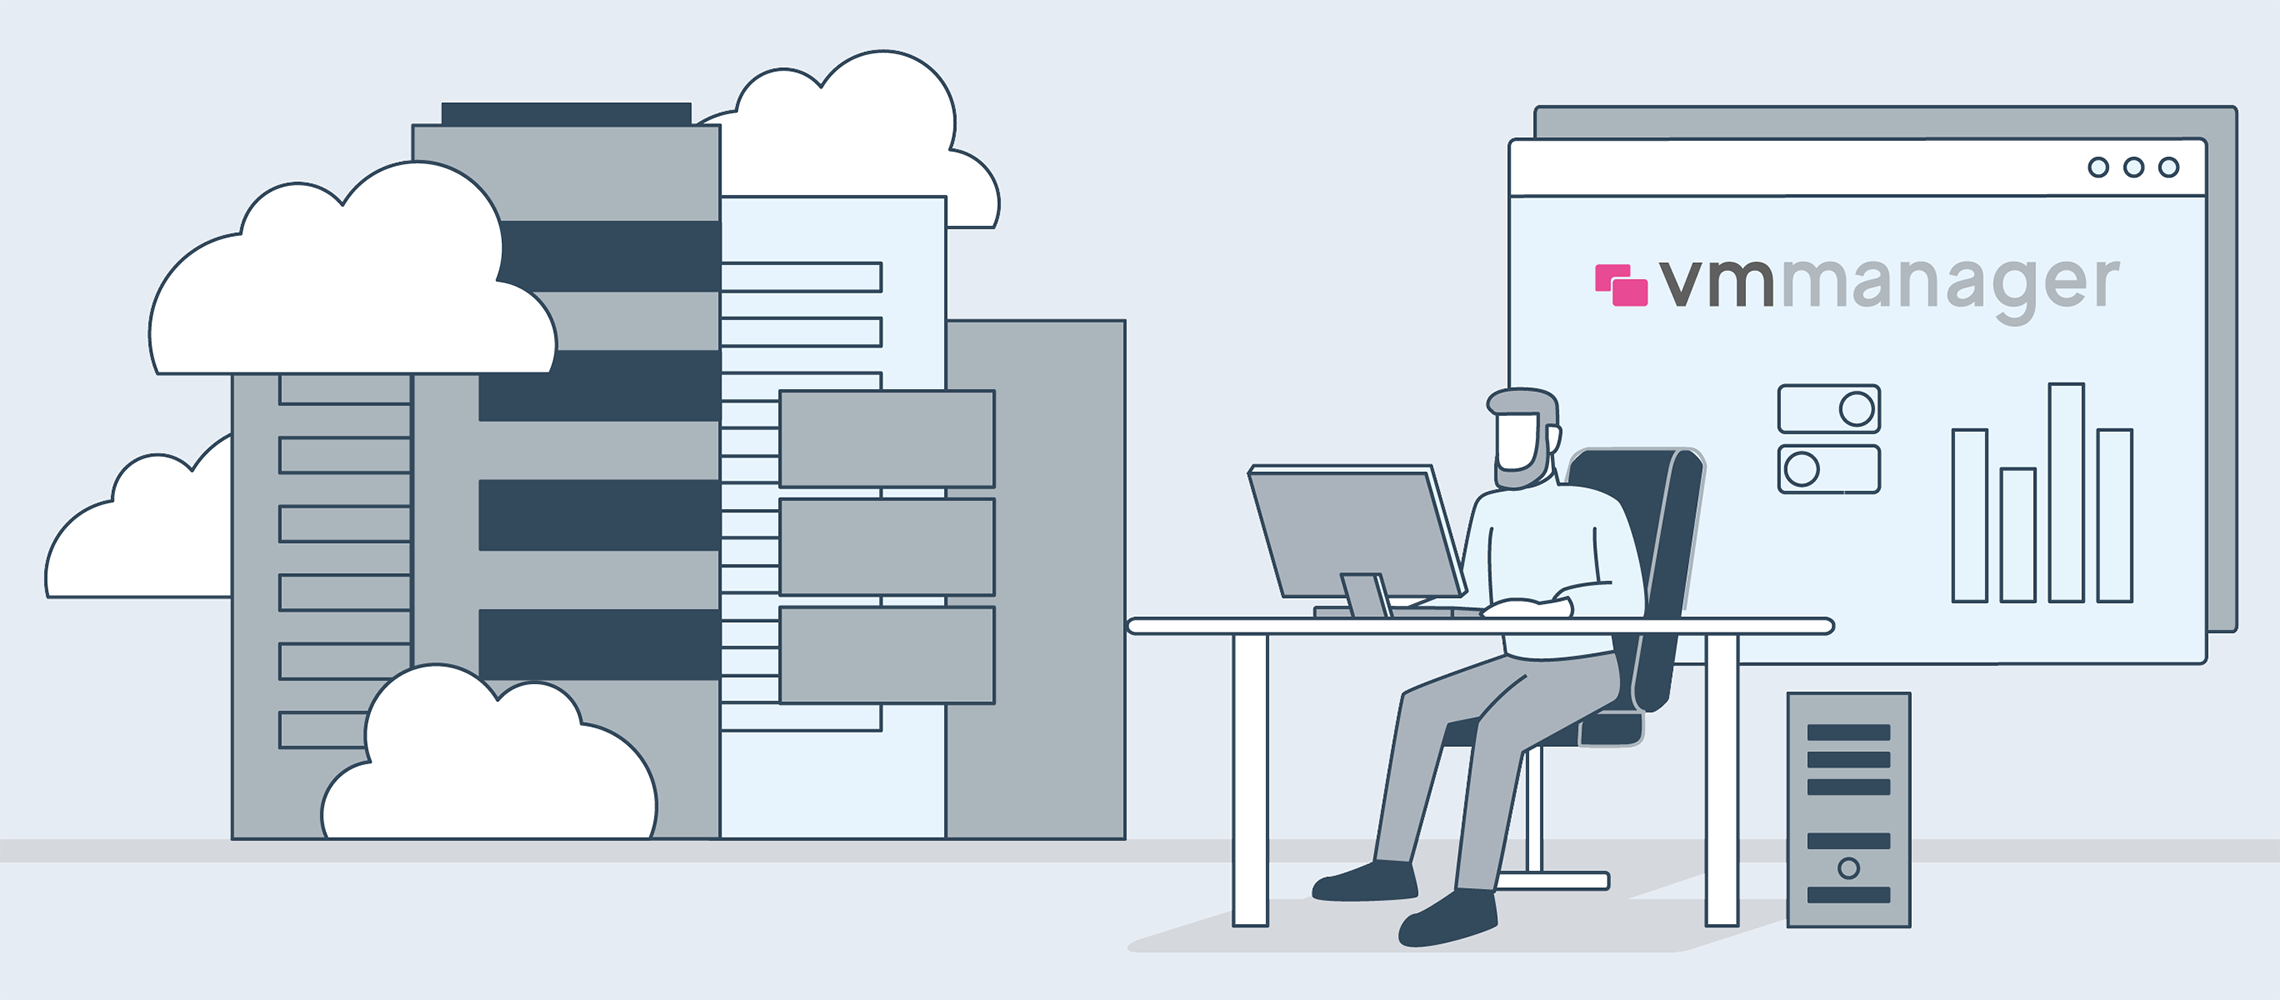 VMmanager вошел в рейтинг лучшего ПО для серверной виртуализации